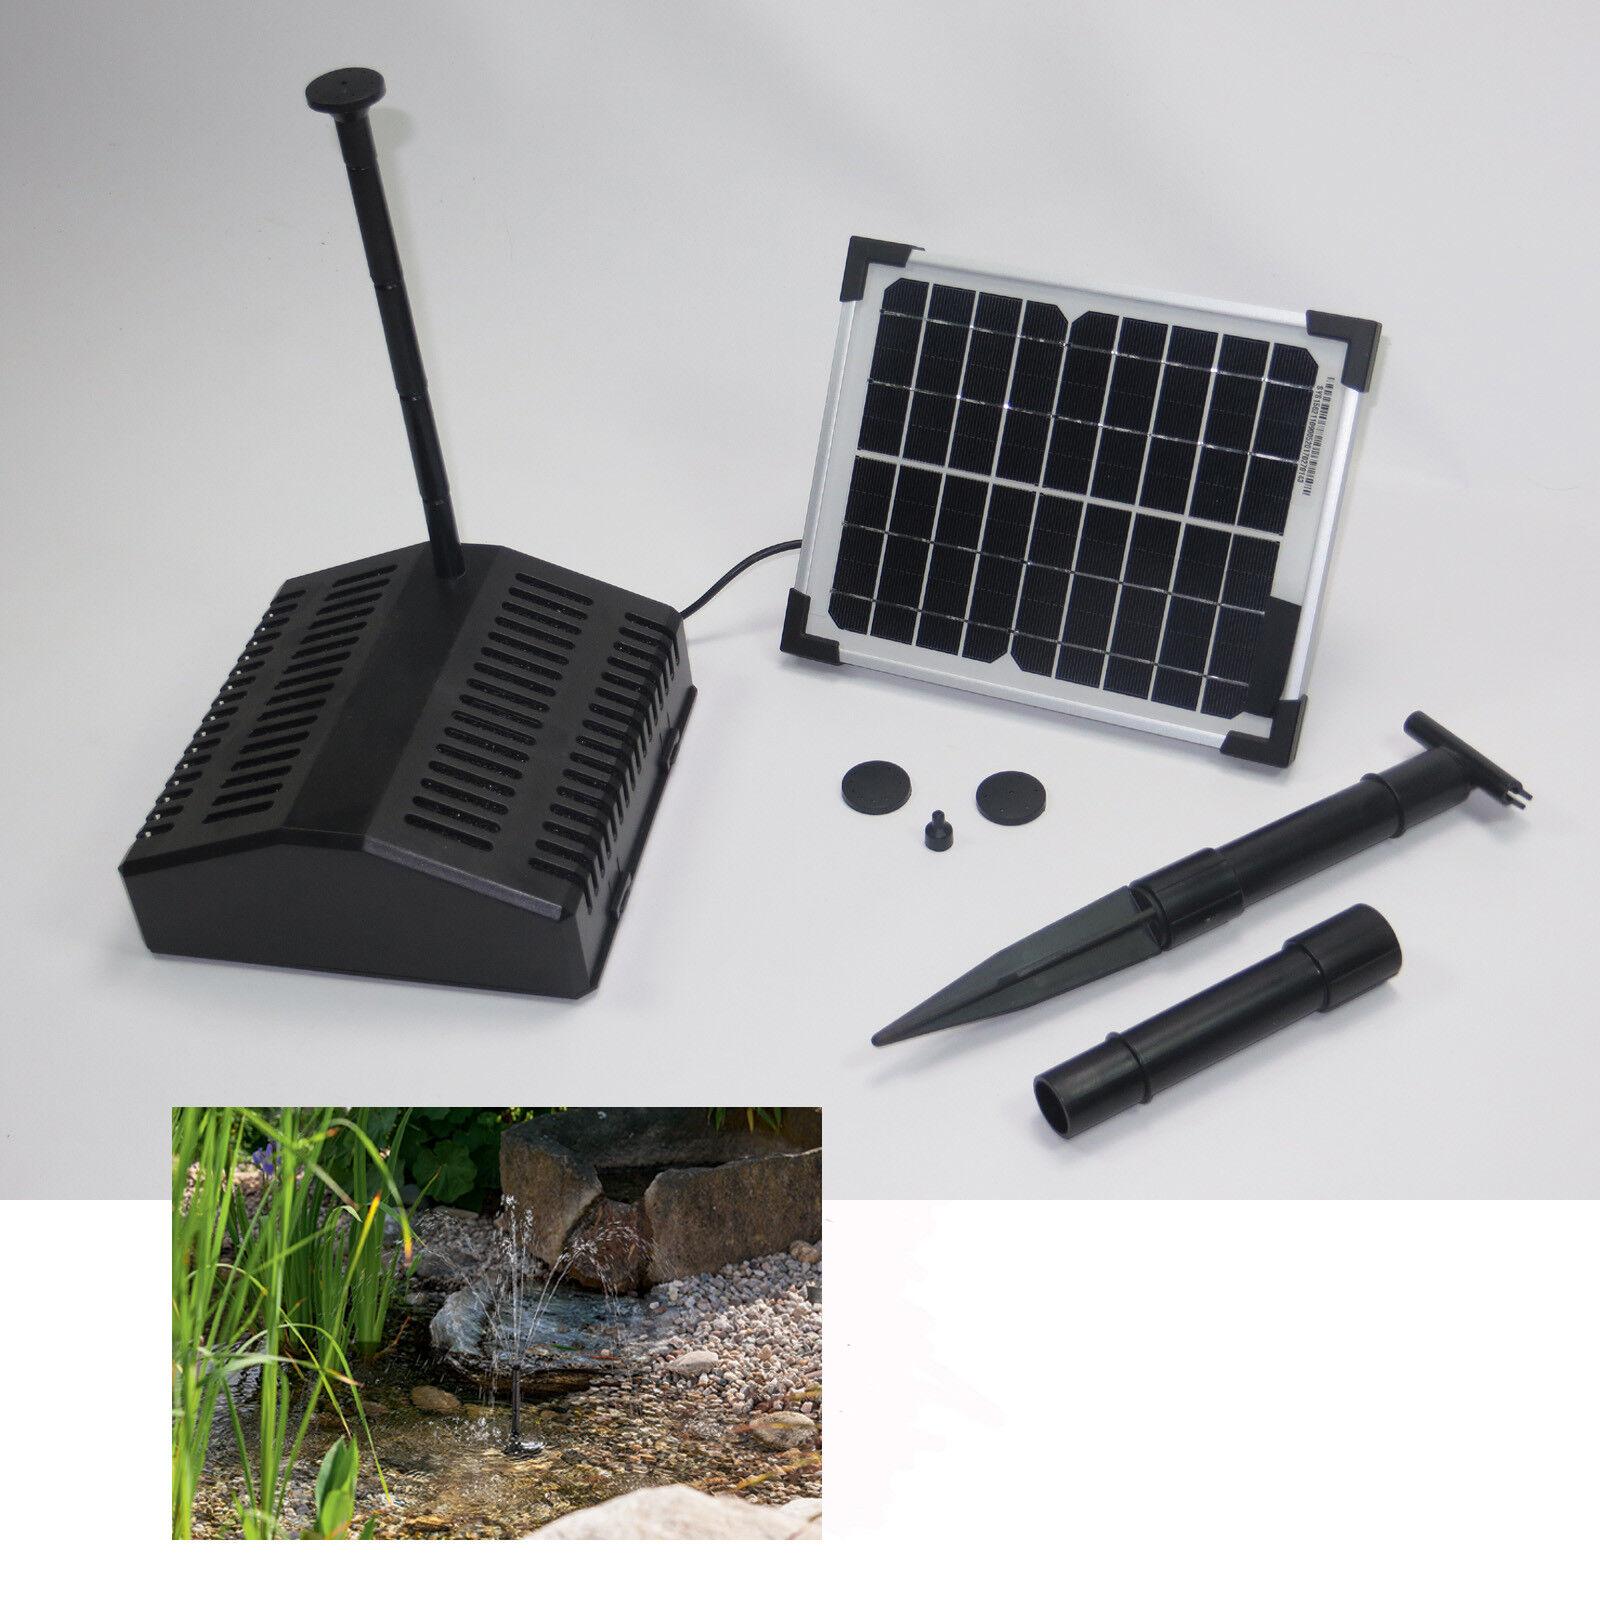 5w solar Tauch bomba estanque pumpenset estanque de jardín filtro surtidor jardín Nuevo